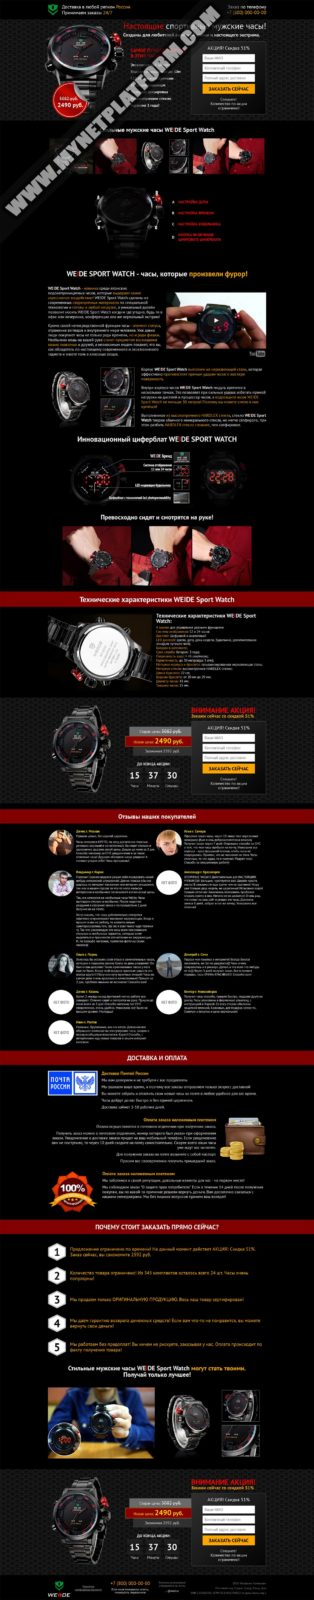 Скриншот готового лендинга для товара Часы Weide Sport Watch 01-2